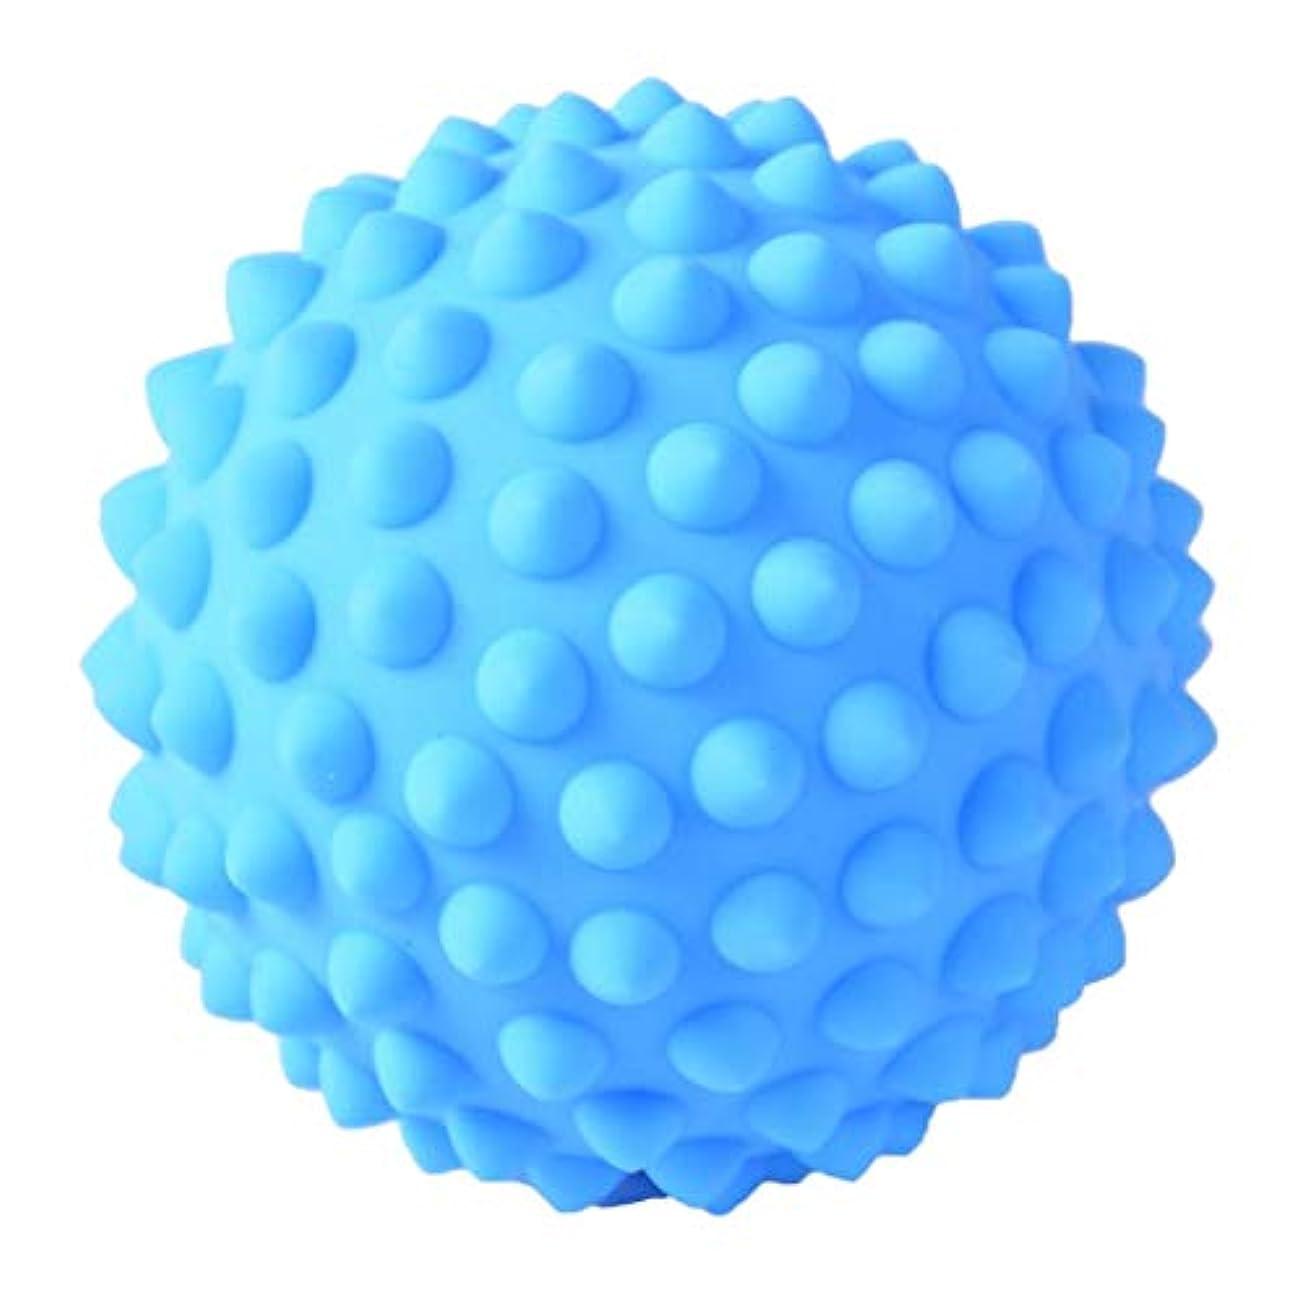 道徳教育口頭取り囲むマッサージボール PVC製 約9 cm 3色選べ - 青, 説明のとおり